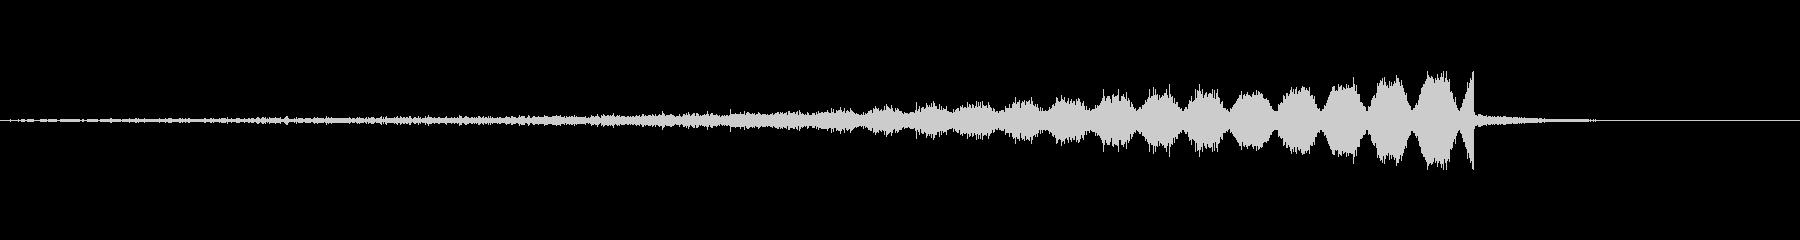 シュ〜(EDMなんかでよく聞く上昇音)の未再生の波形